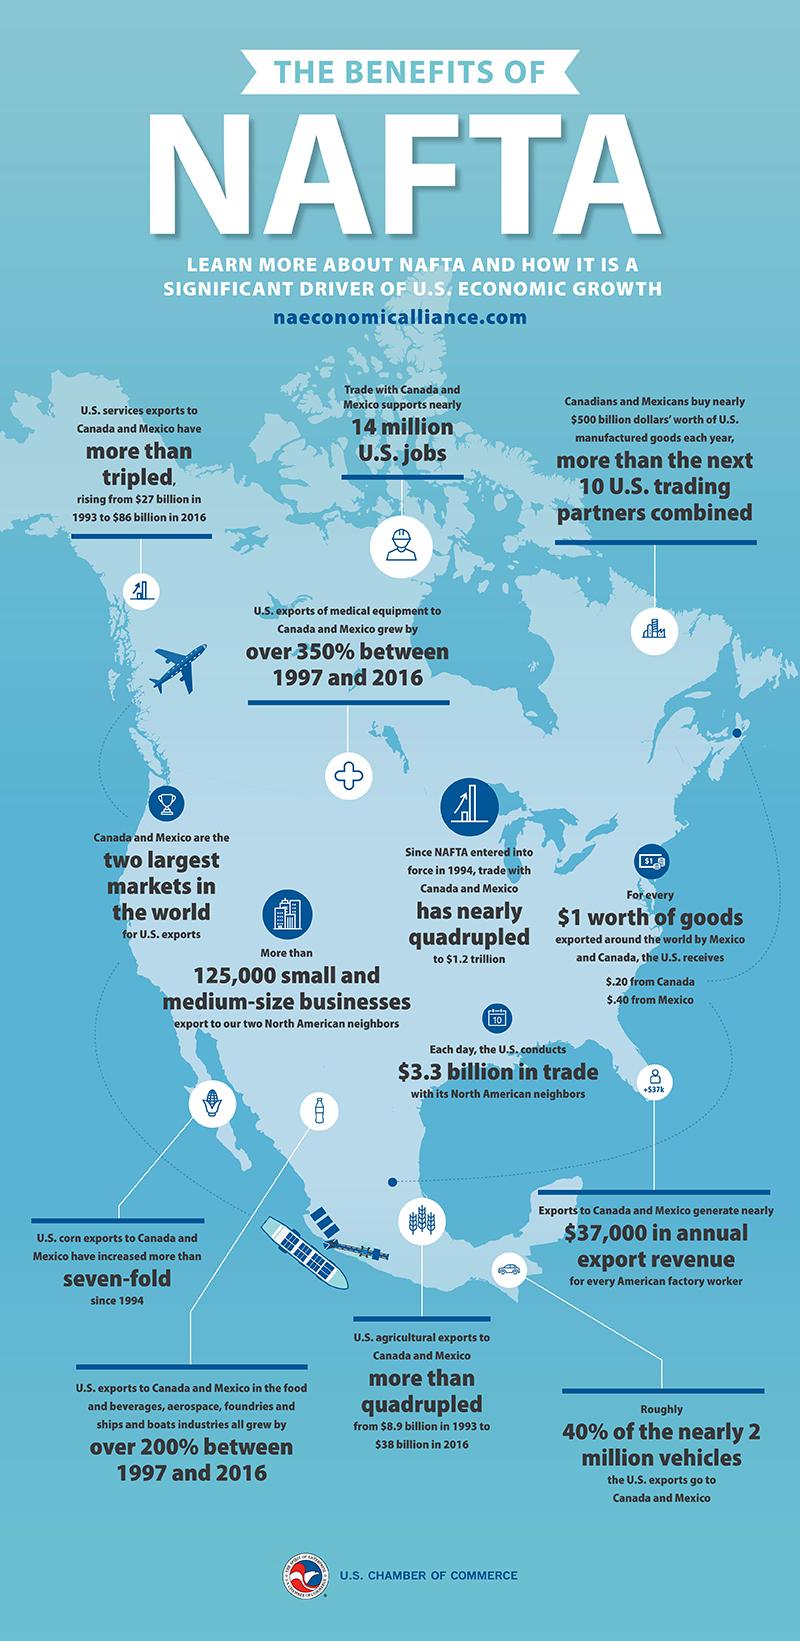 023281_INTL Benefits of NAFTA Infographic.jpg